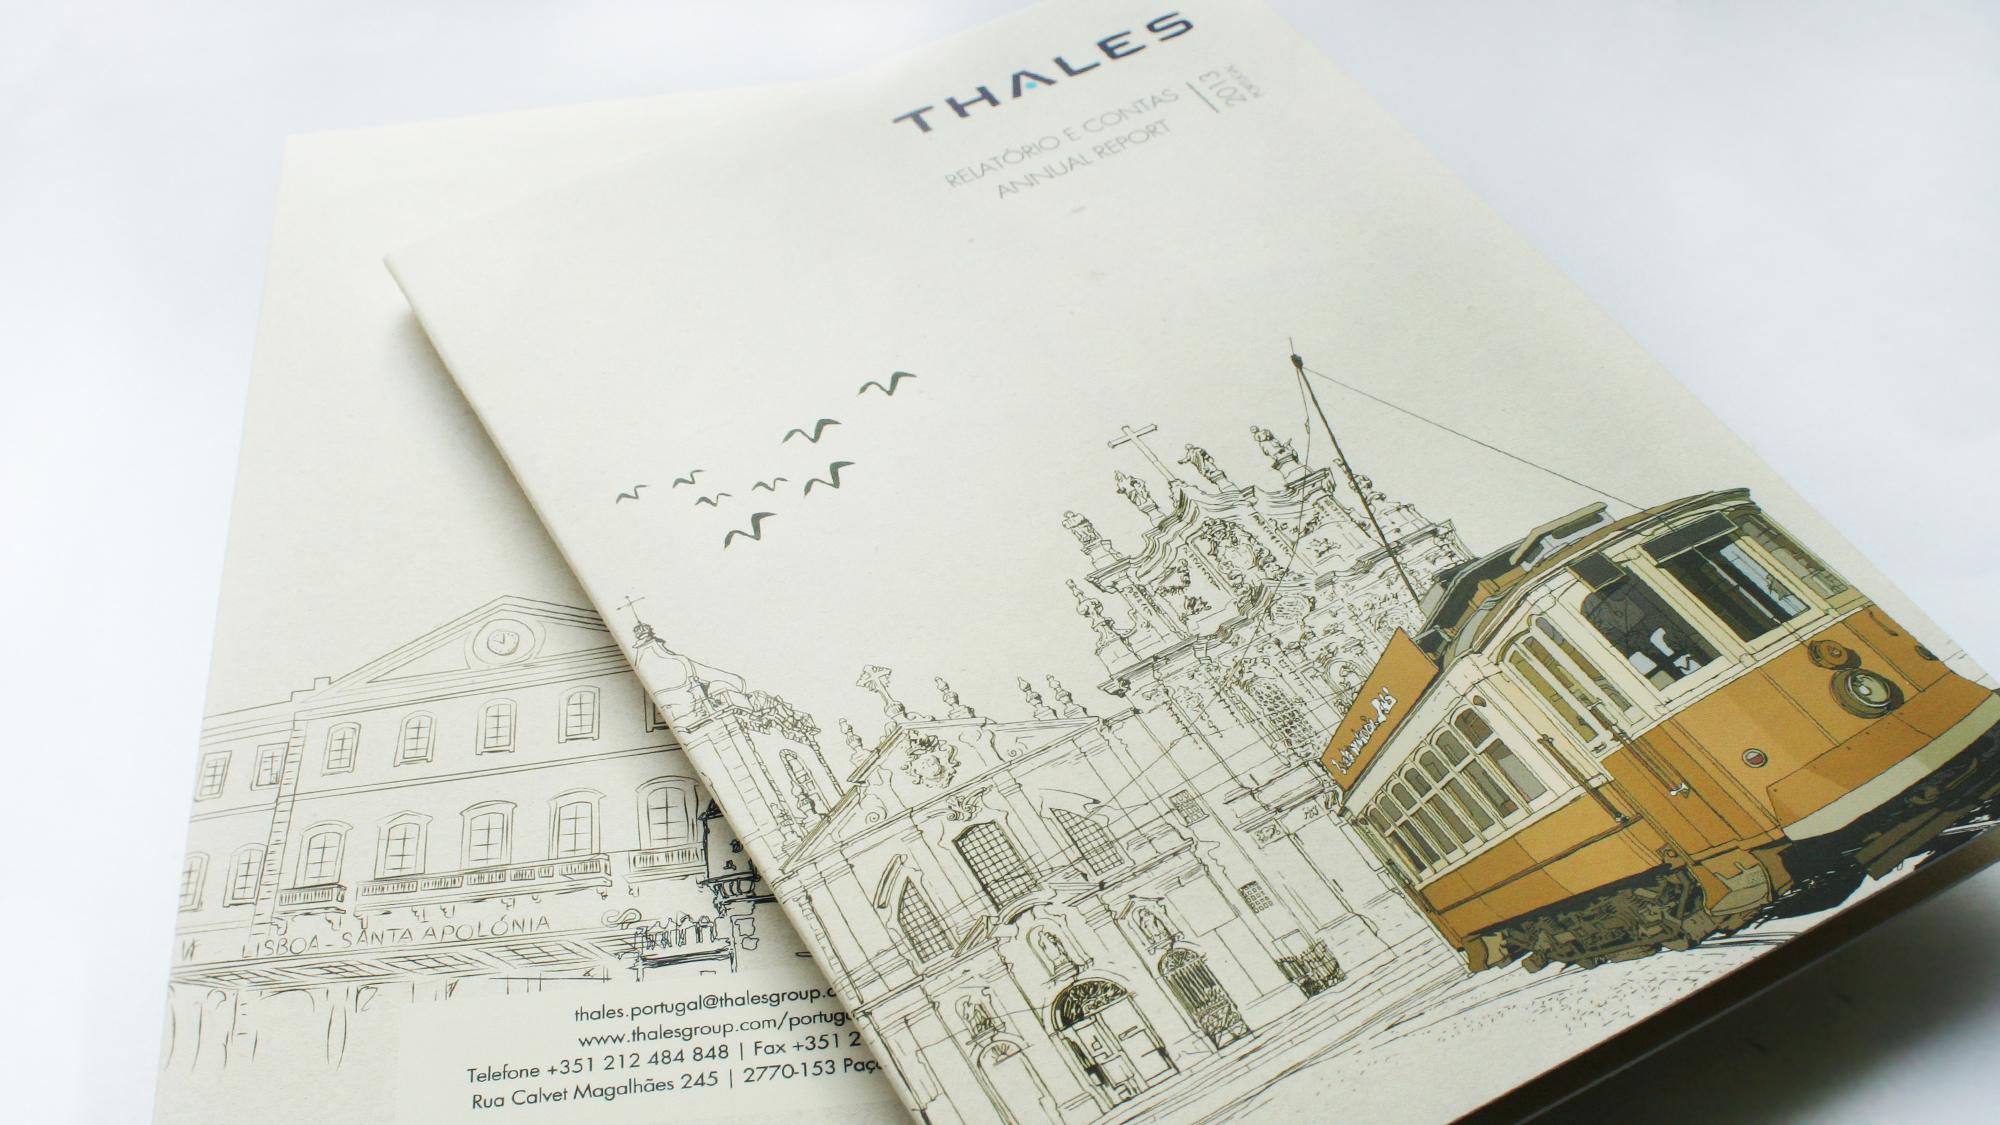 Thales Portugal | Relatório & Contas 2013